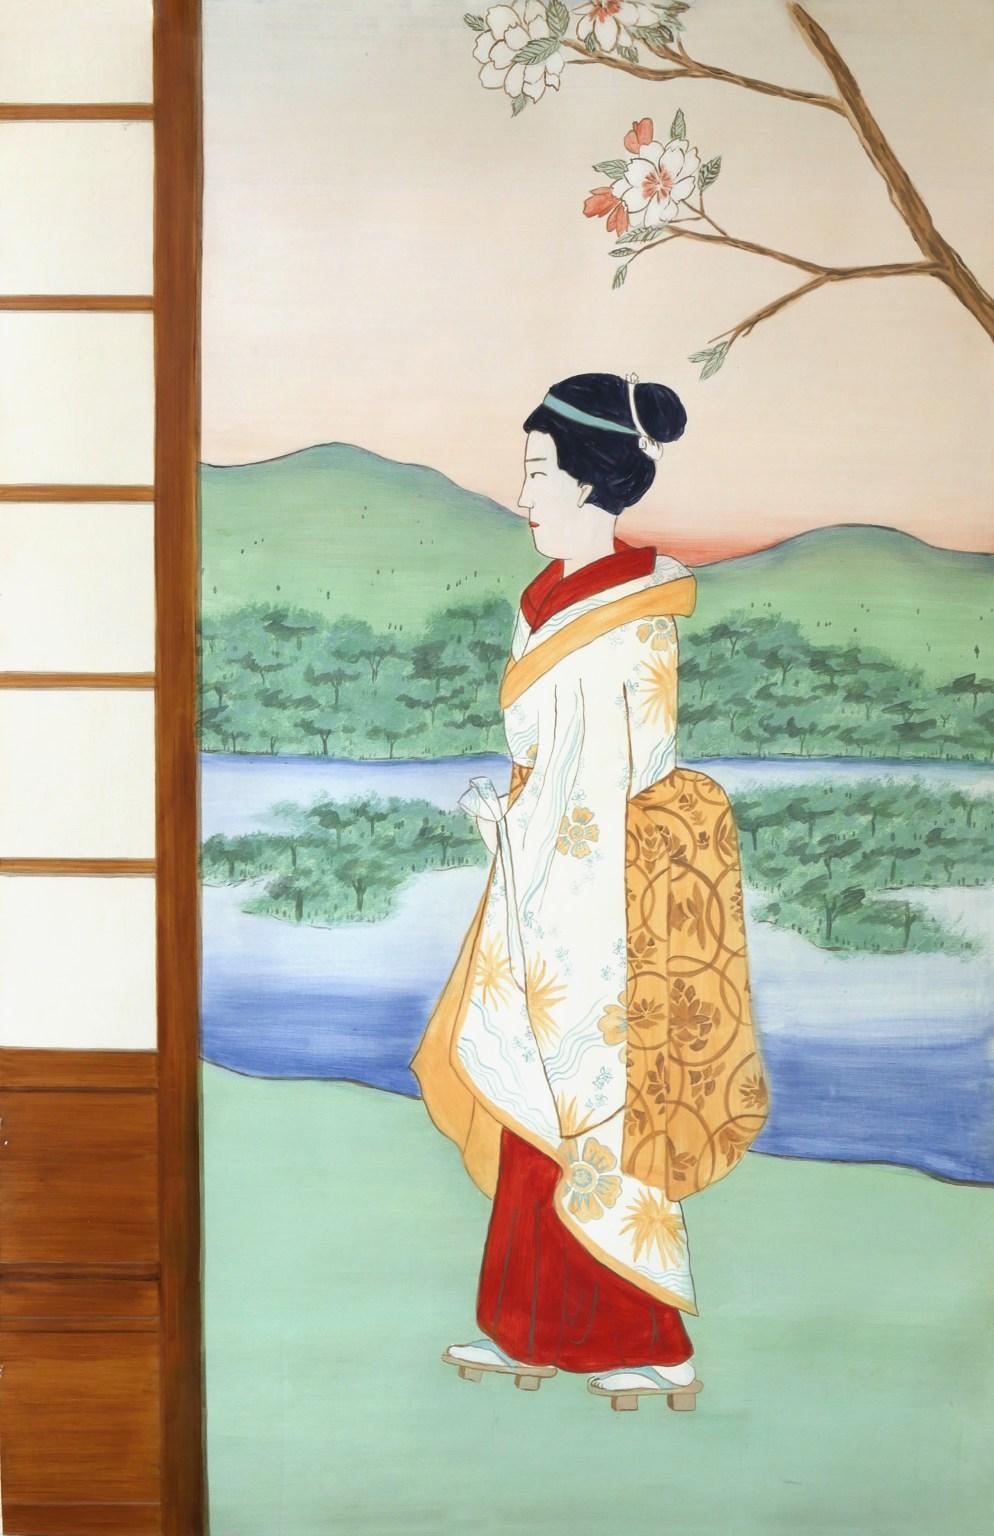 Peinture murale façon estampe japonaise, peinture à la caséine, technique ancienne. Assilem décors, peintre en décor Bordeaux, décoration intérieure, peintre décoratrice